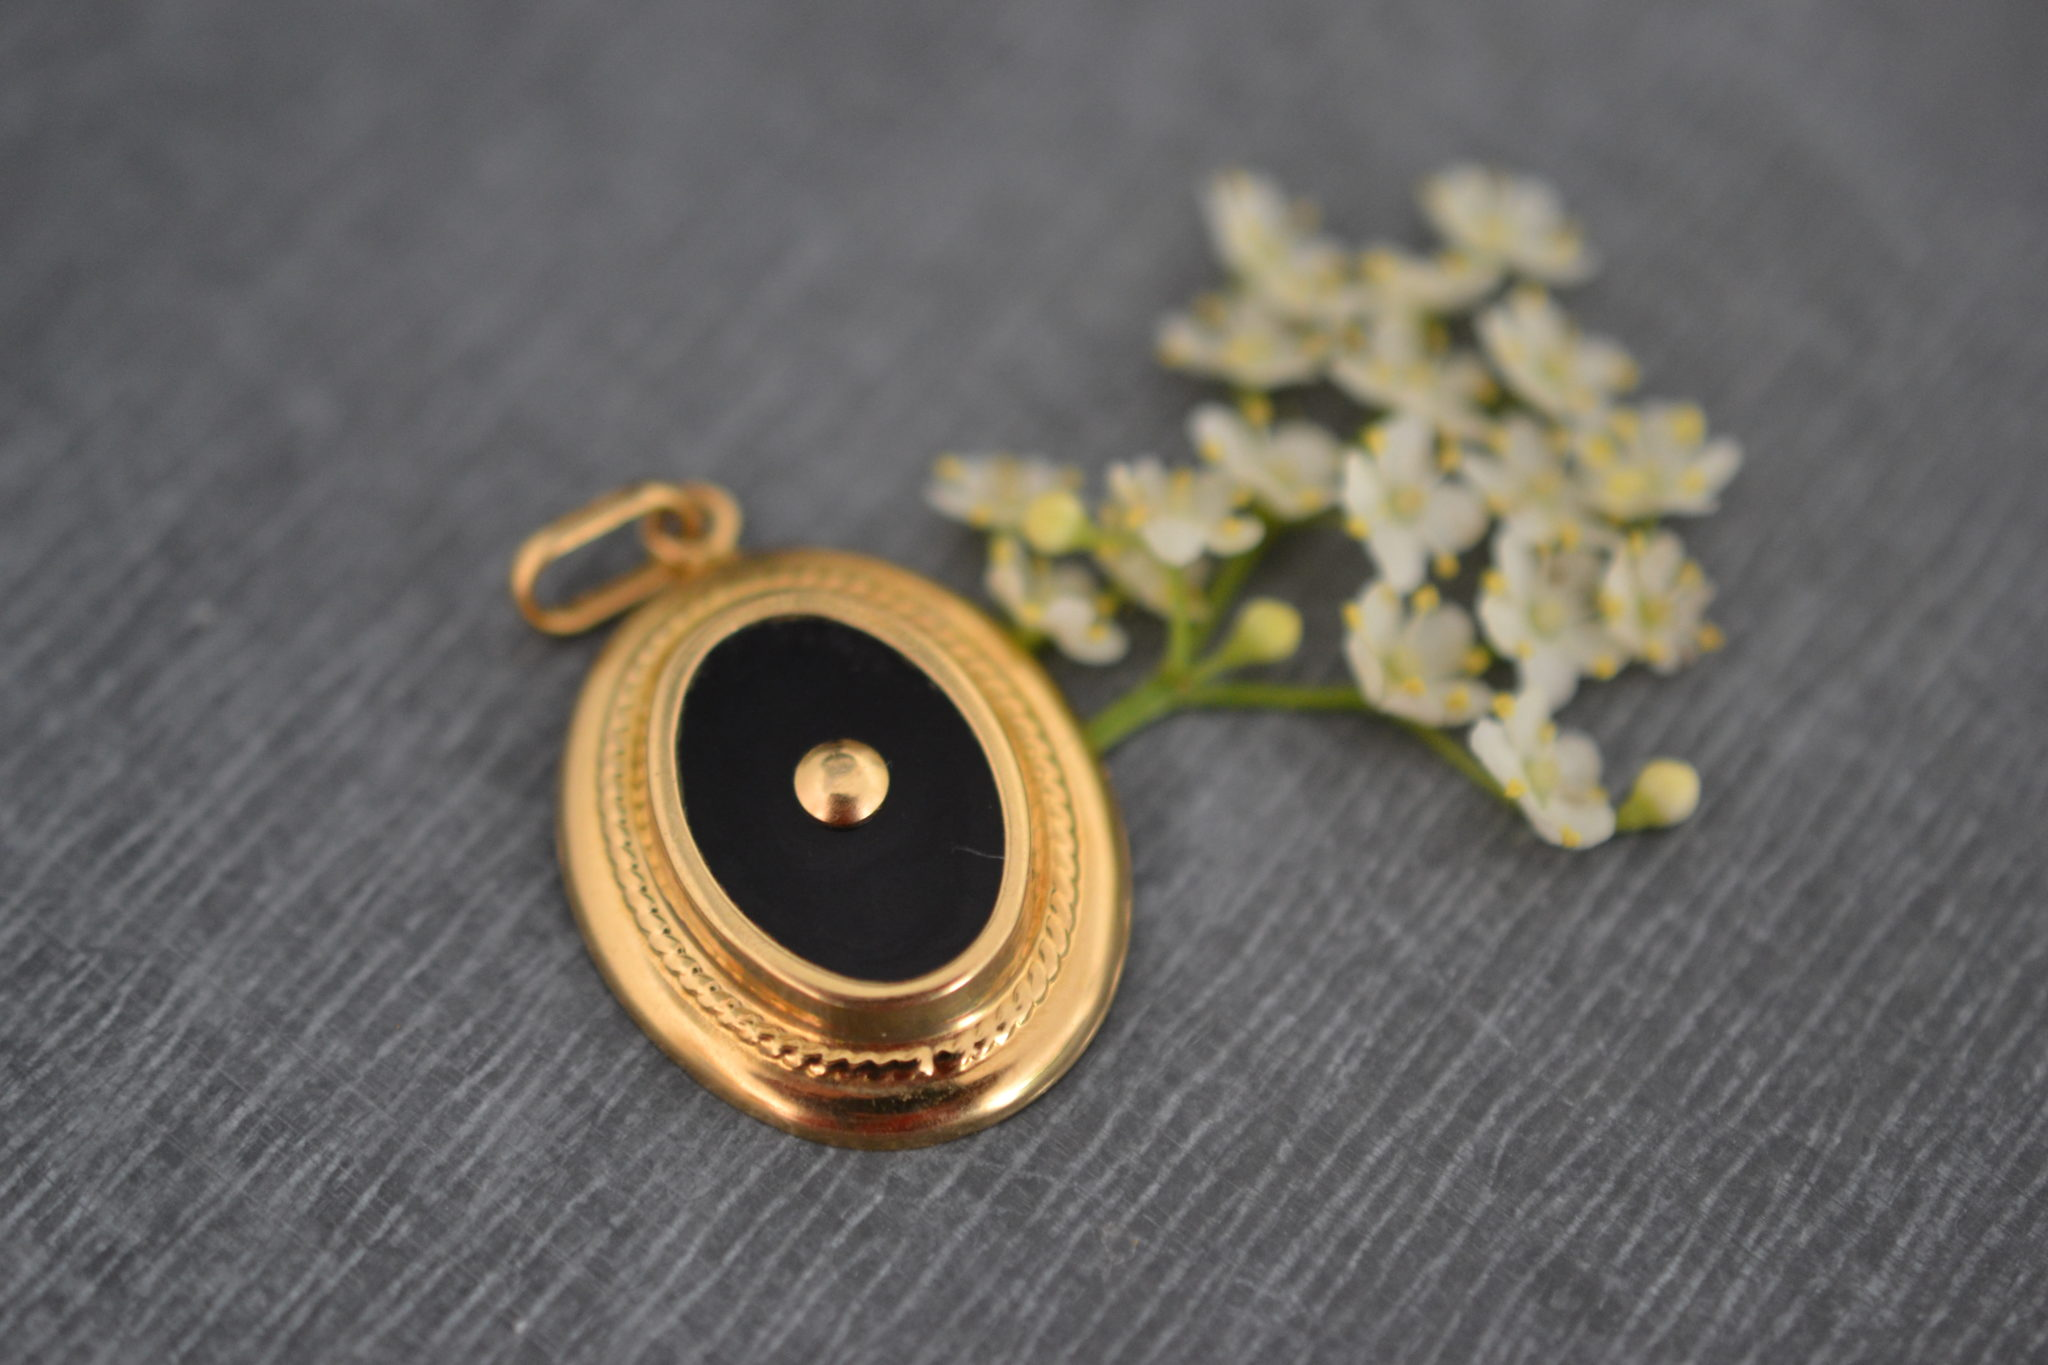 Pendentif Ancien Or Et Onyx - Bijoux En Or 18 Carats - Bijoux Anciens Éthiques - Noir Carat